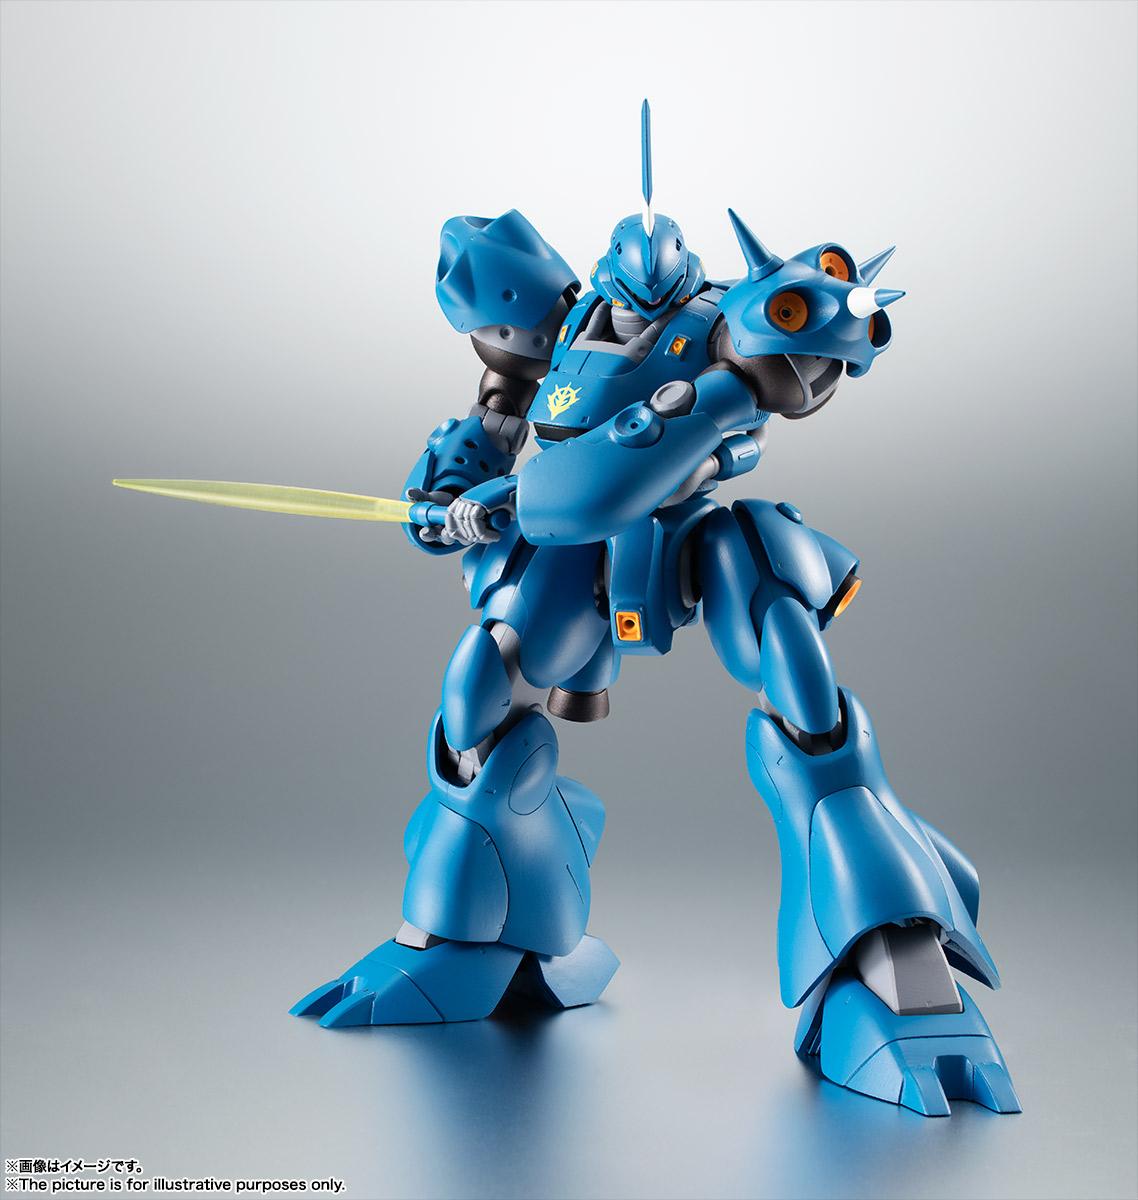 【再販】ROBOT魂〈SIDE MS〉『MS-18E ケンプファー ver. A.N.I.M.E.』可動フィギュア-003